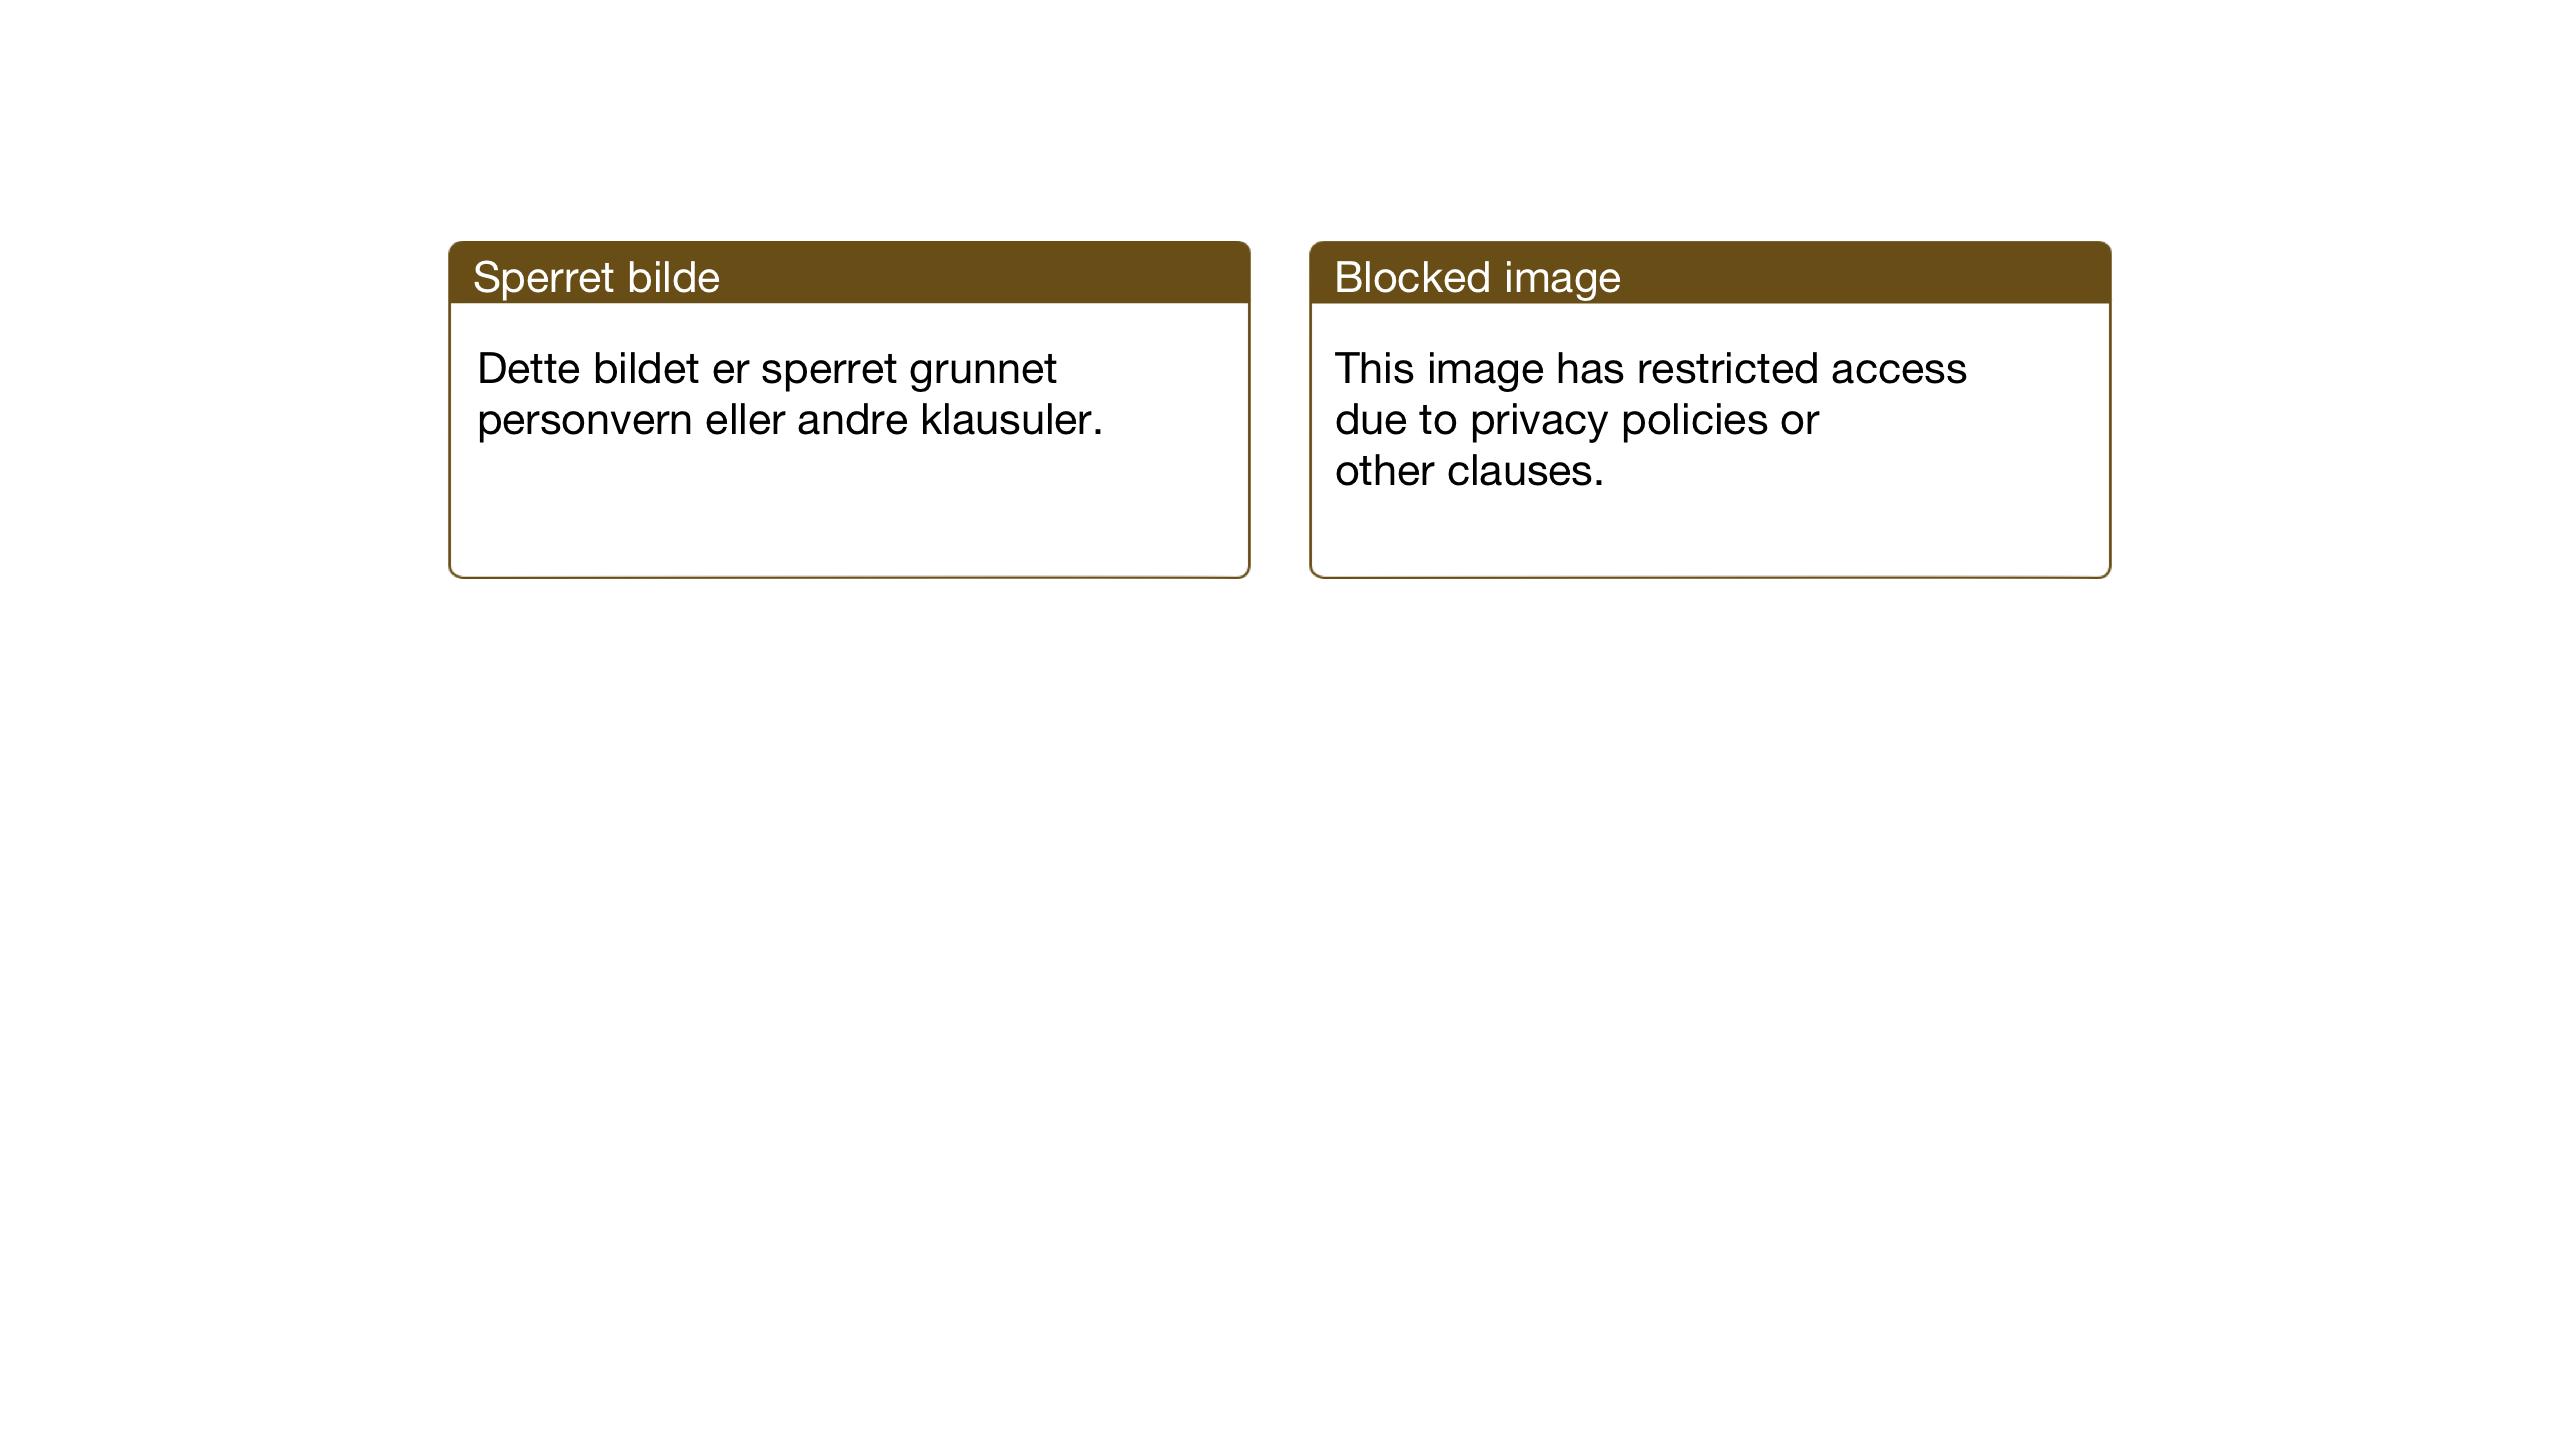 SAT, Ministerialprotokoller, klokkerbøker og fødselsregistre - Sør-Trøndelag, 669/L0832: Klokkerbok nr. 669C02, 1925-1953, s. 25